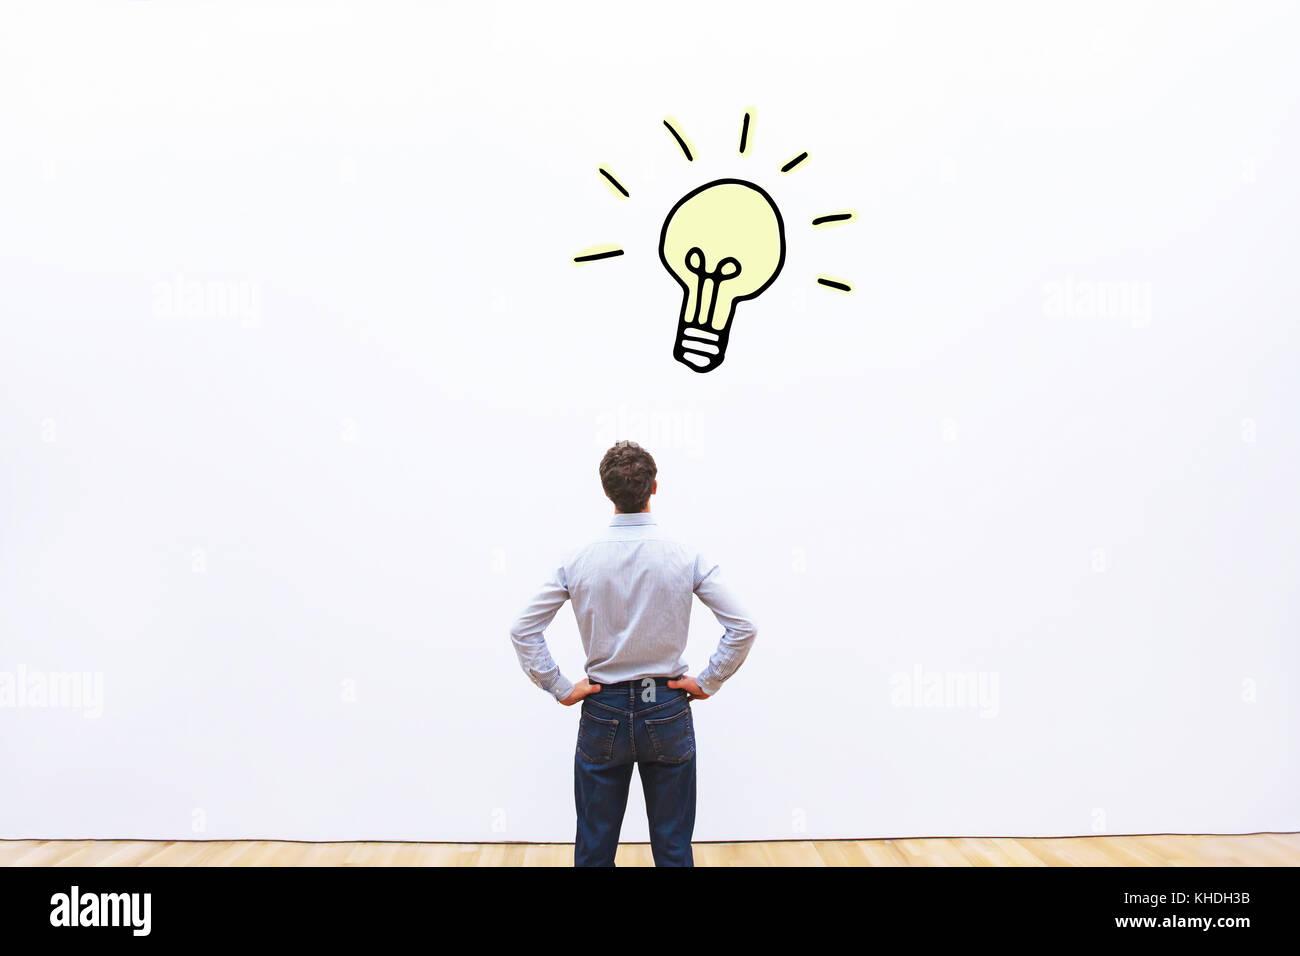 Concetto di nuova idea di business o di innovazione e creatività Immagini Stock